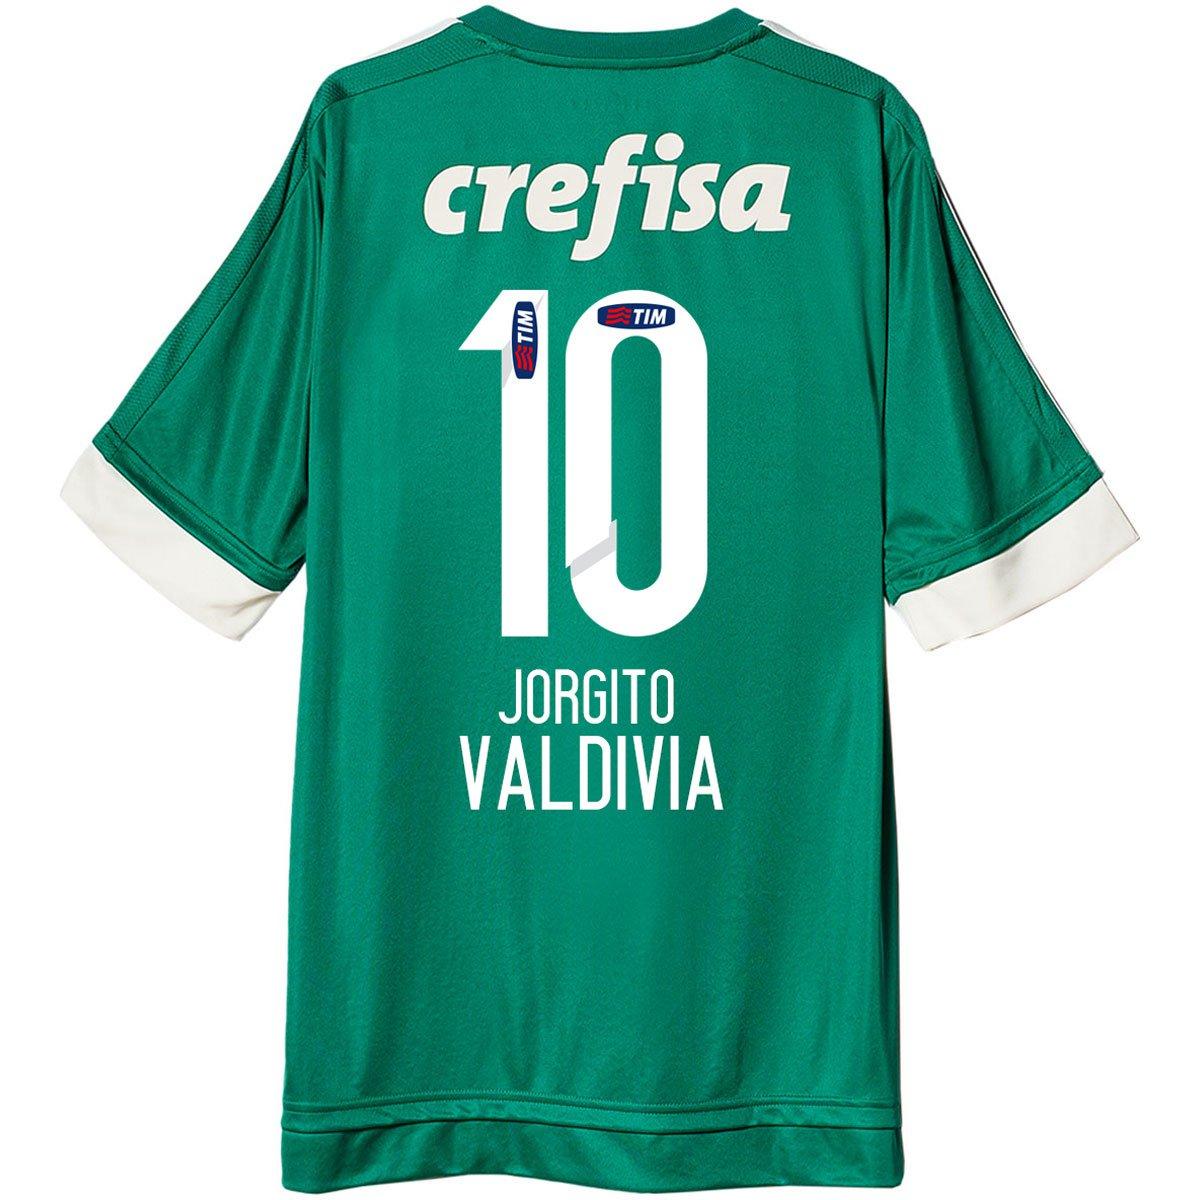 Camisa Adidas Palmeiras I 15 16 nº 10 - Jorgito Valdivia - Compre Agora  fba4c1648ad3b